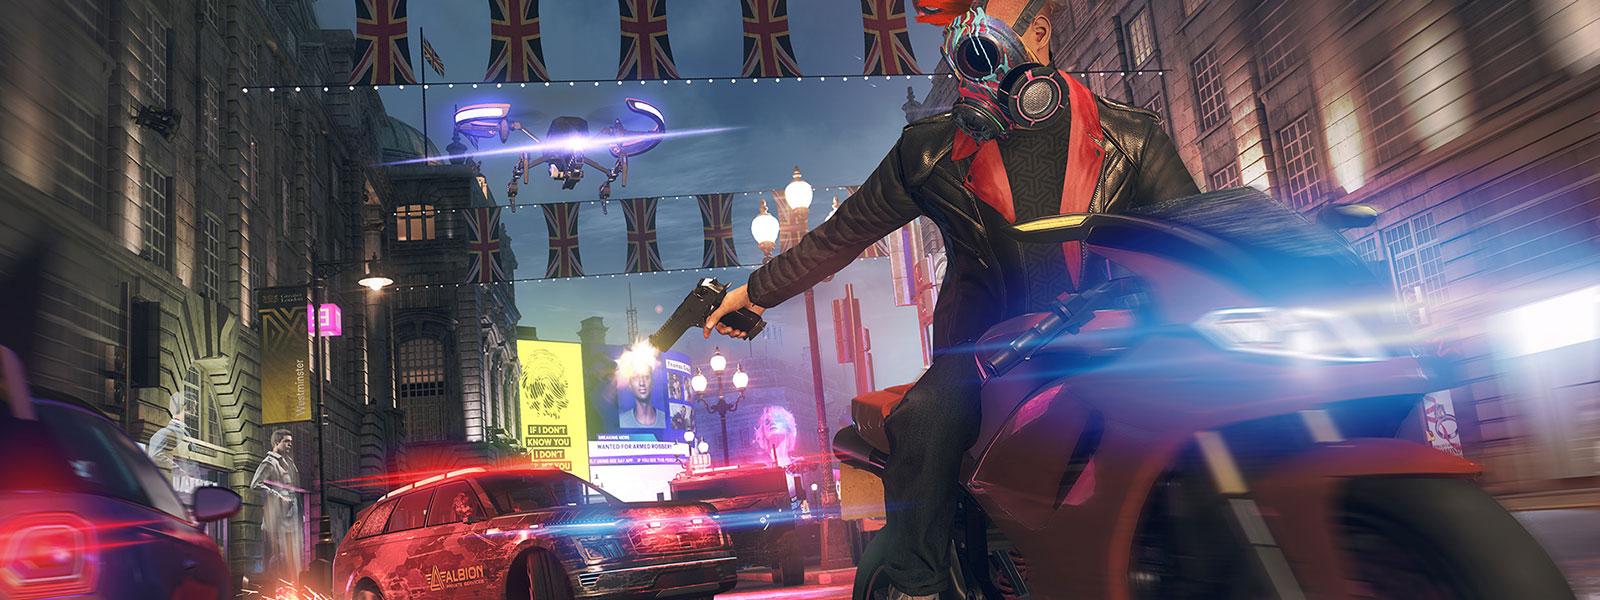 Londra'da bir sokakta bir dron tarafından kovalanırken motosiklet üzerinde polis arabasına ateş eden boyalı gaz maskesi takan bir kişi